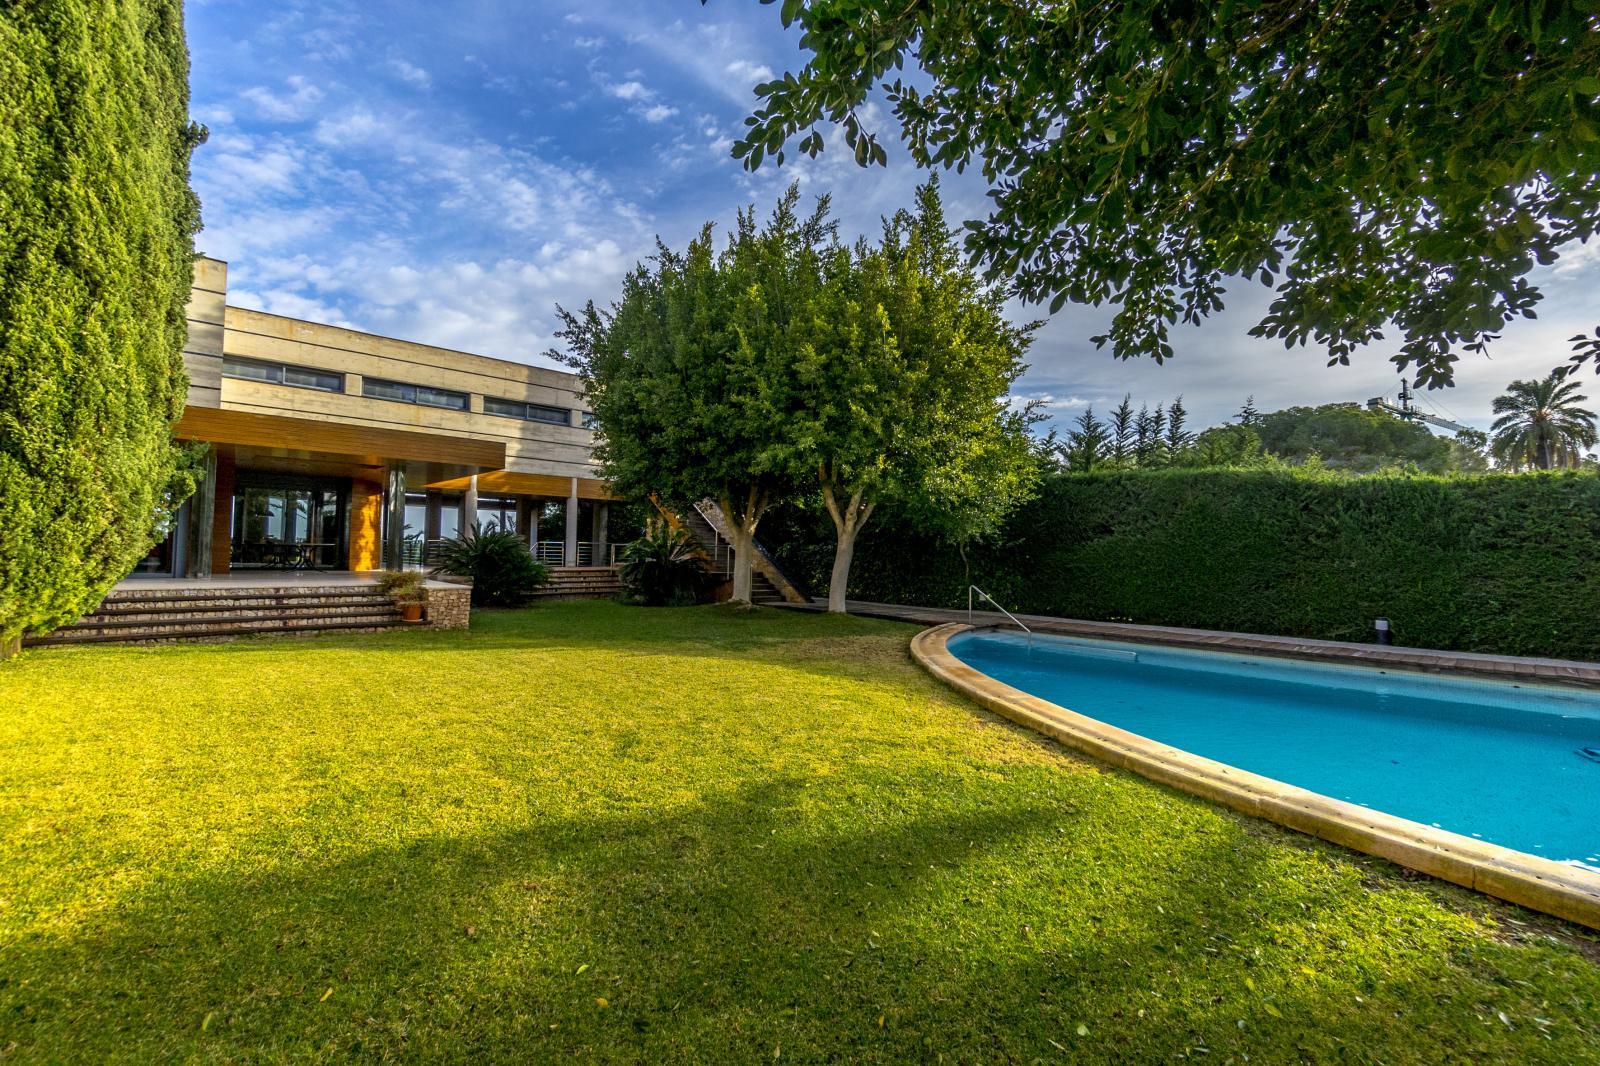 64977240 3223954 foto127967739 - Lujo, diseño y funcionalidad en esta villa en Campoamor (Alicante)